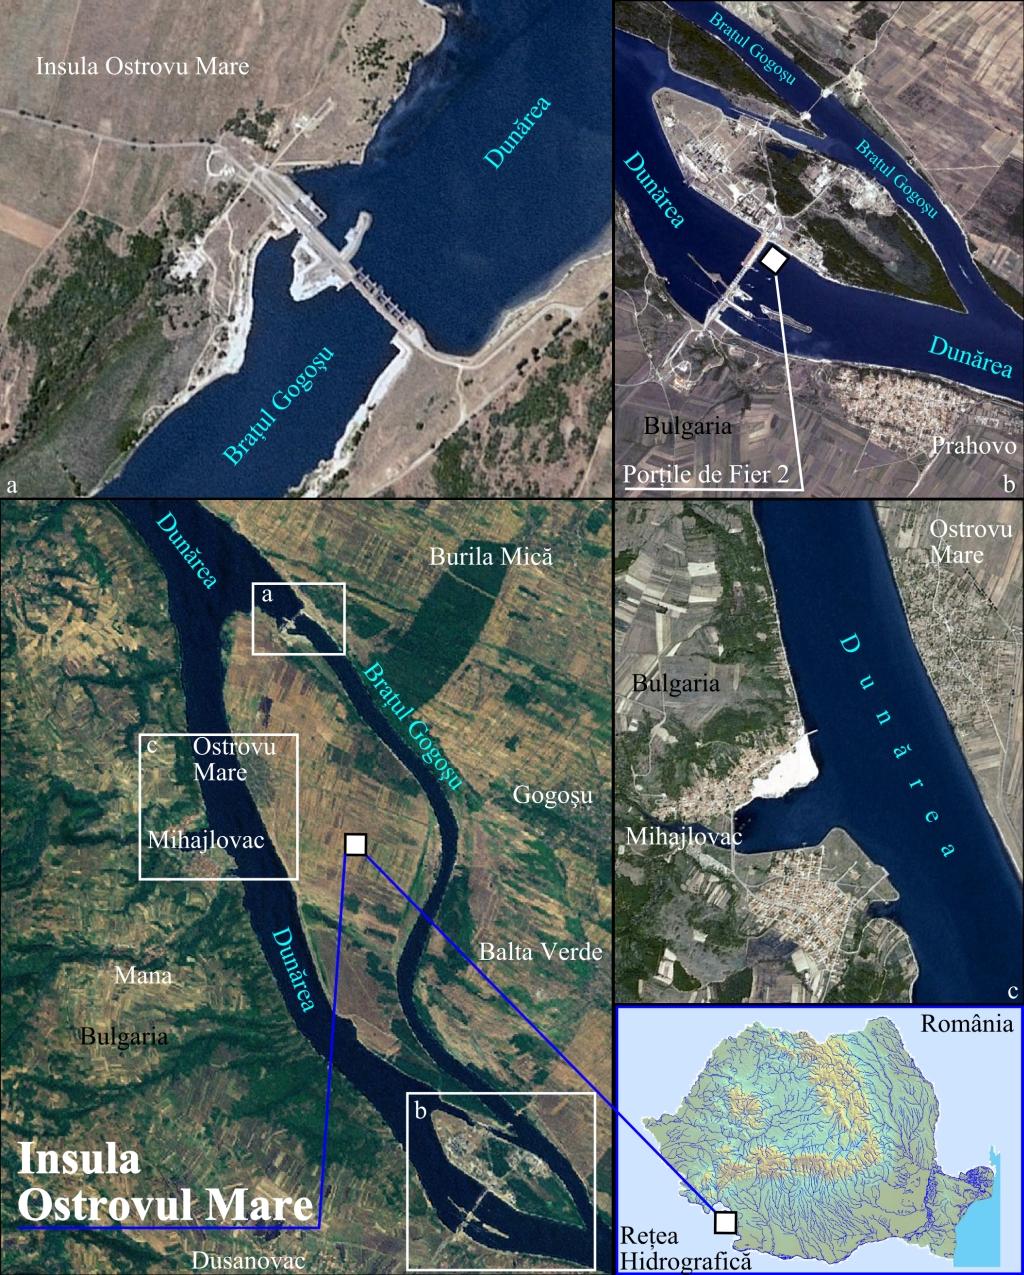 Ostrovu Mare Mehedinți Wikipedia